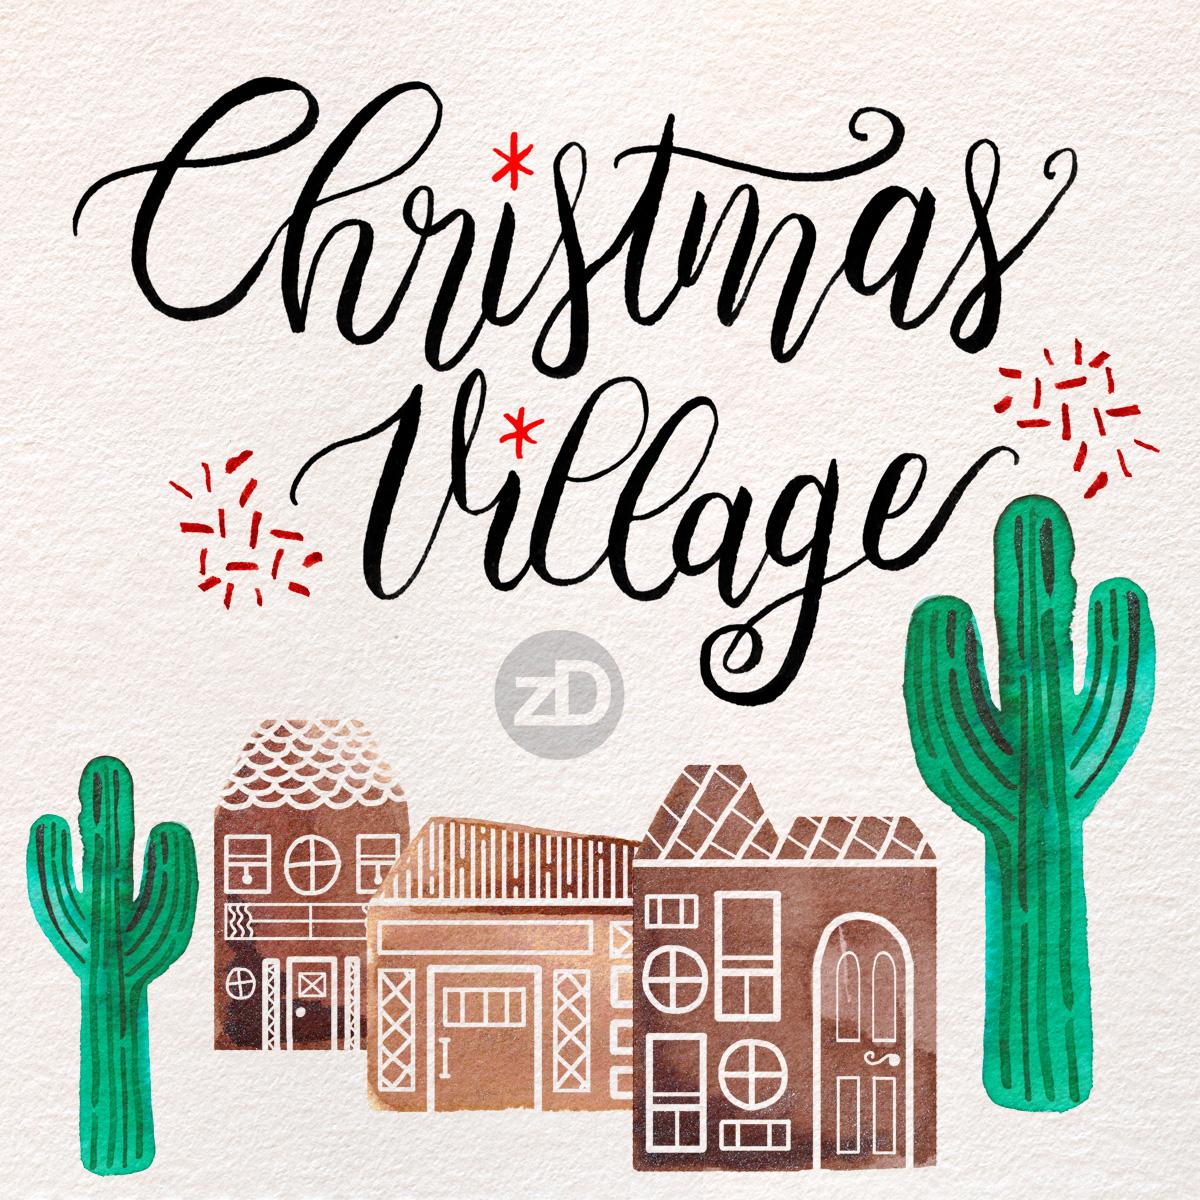 Zirkus Design   Advent Illustrations - Christmas Village - Watercolor, Gouache, Digital Painting, Lettering